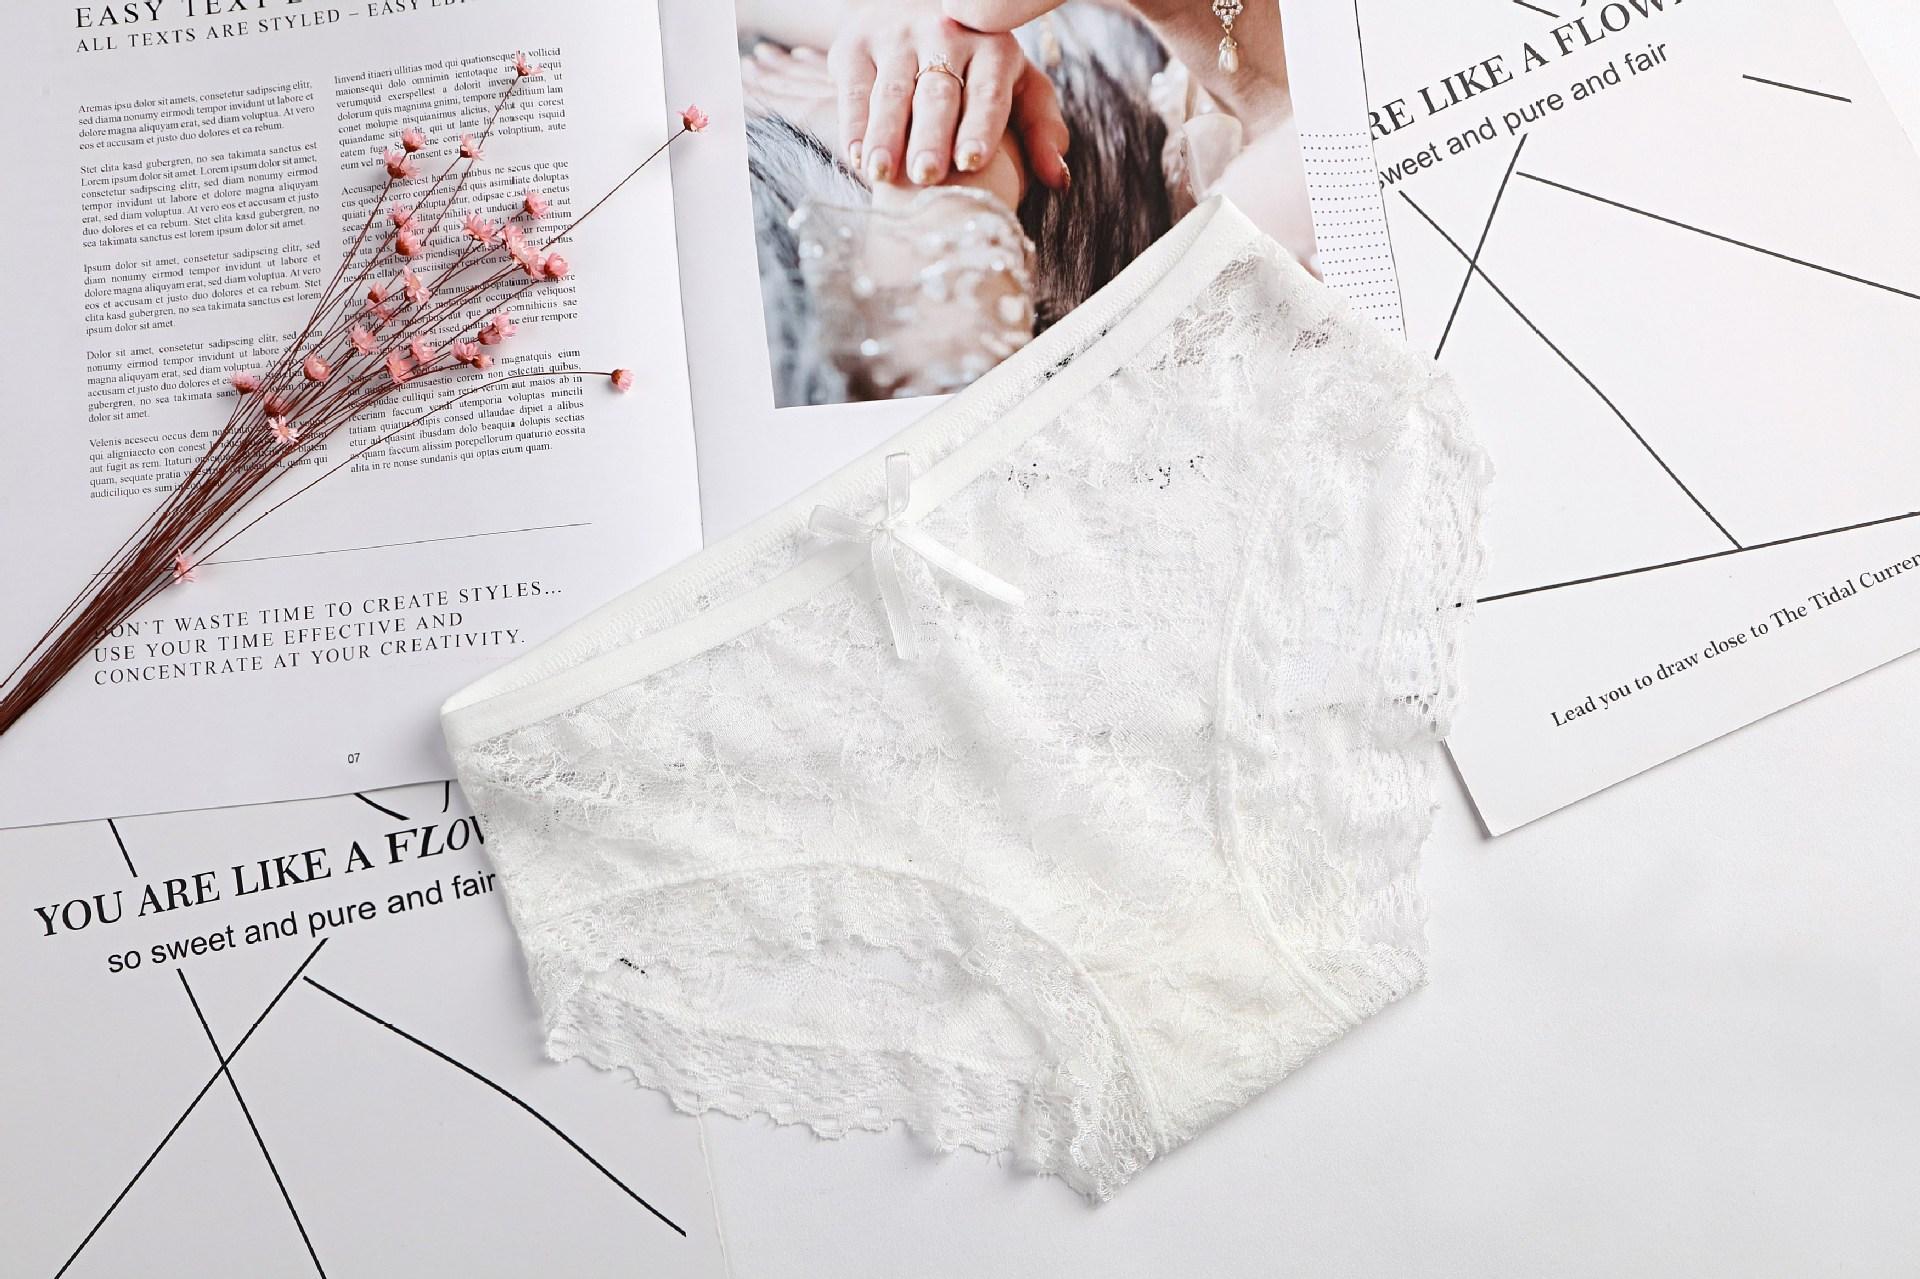 Nouvelle 2018 qualité pas cher Lingerie sous-vêtements femmes culotte filles jacquard dentelle maille dames sexy ropa intérieur femenina K005